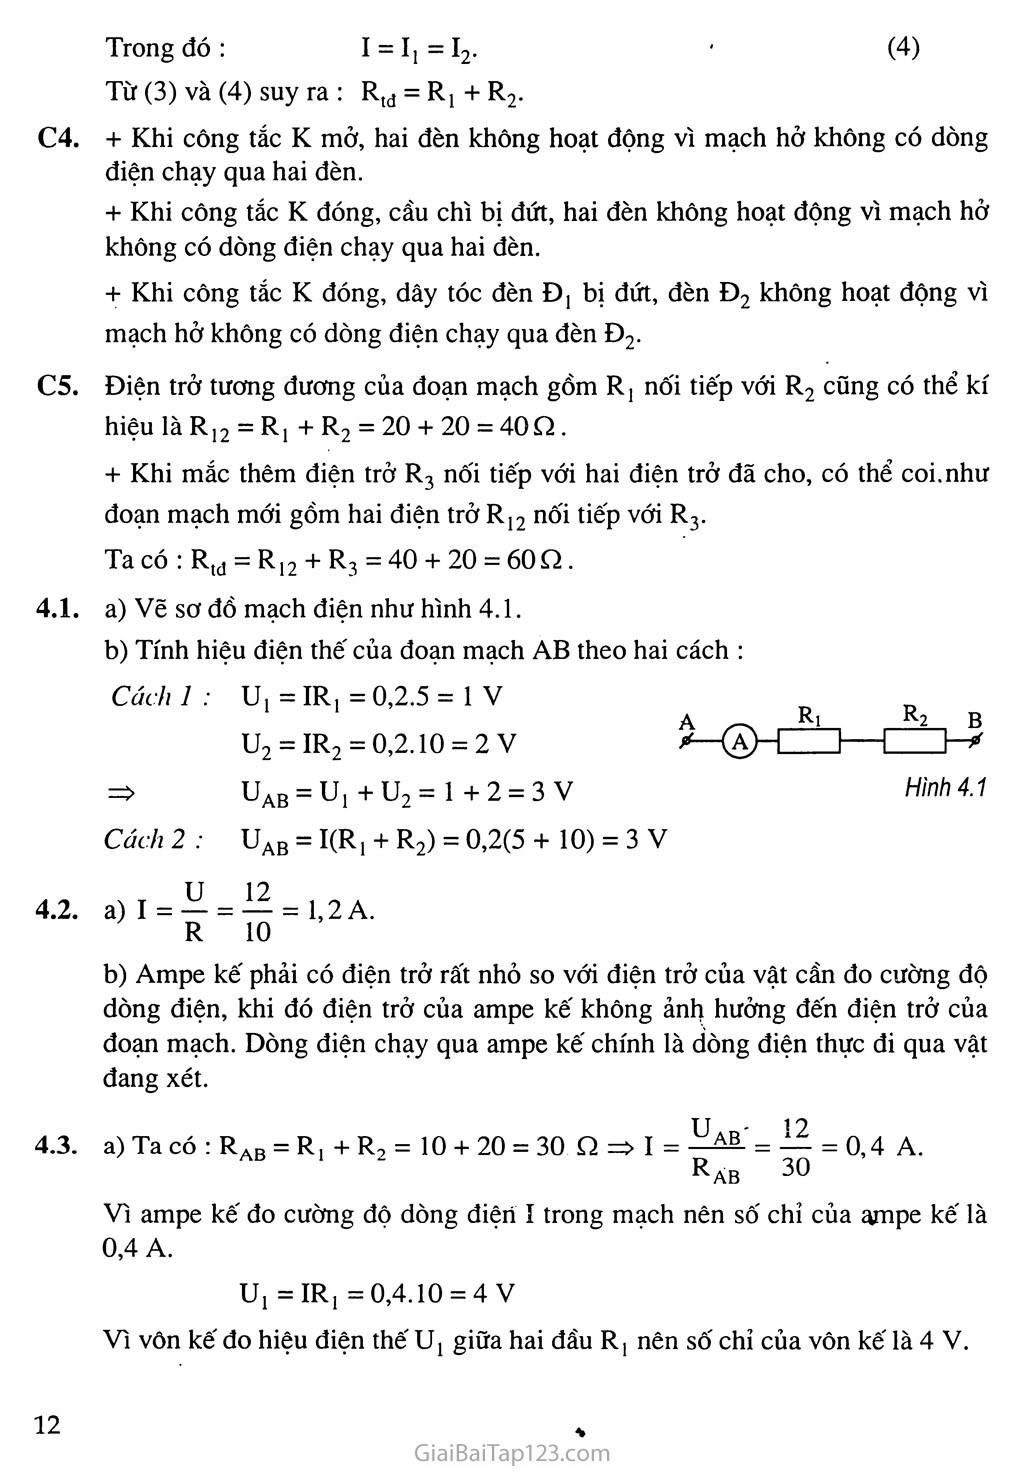 Bài 4: Đoạn mạch nối tiếp trang 2